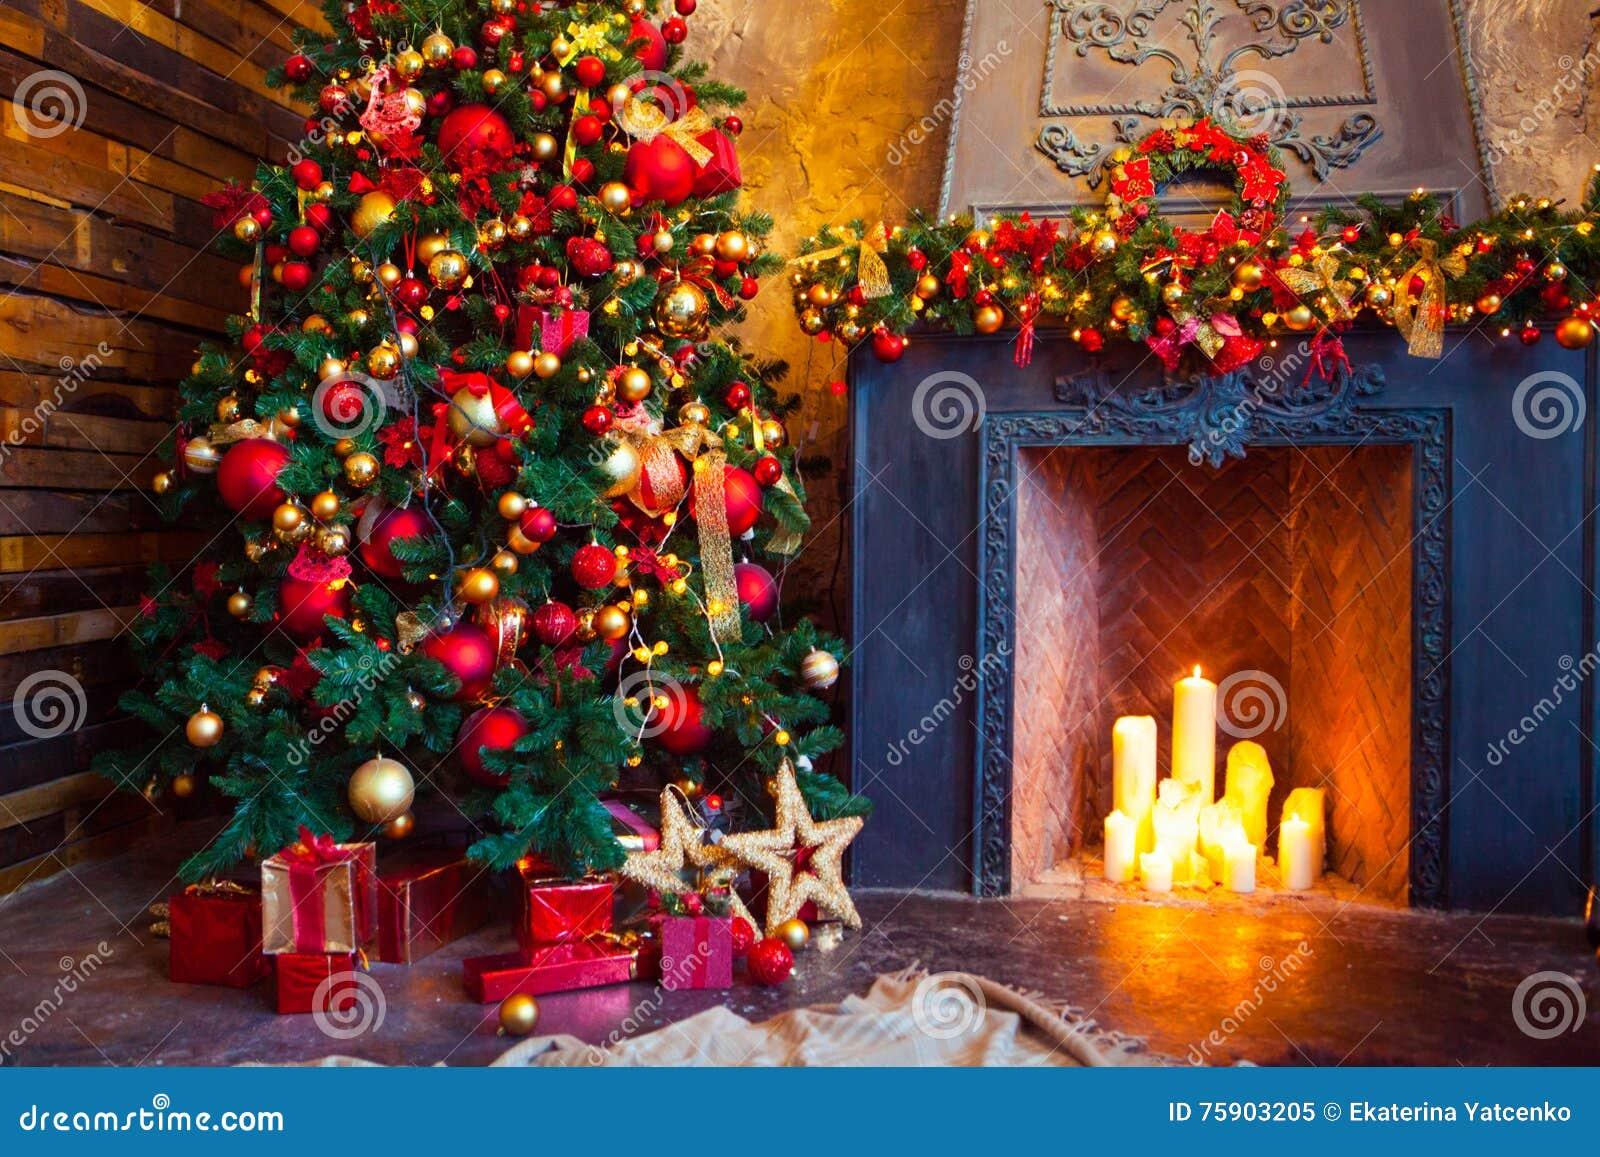 Weihnachtsraum-Innenarchitektur, Weihnachtsbaum verziert durch Licht-PR